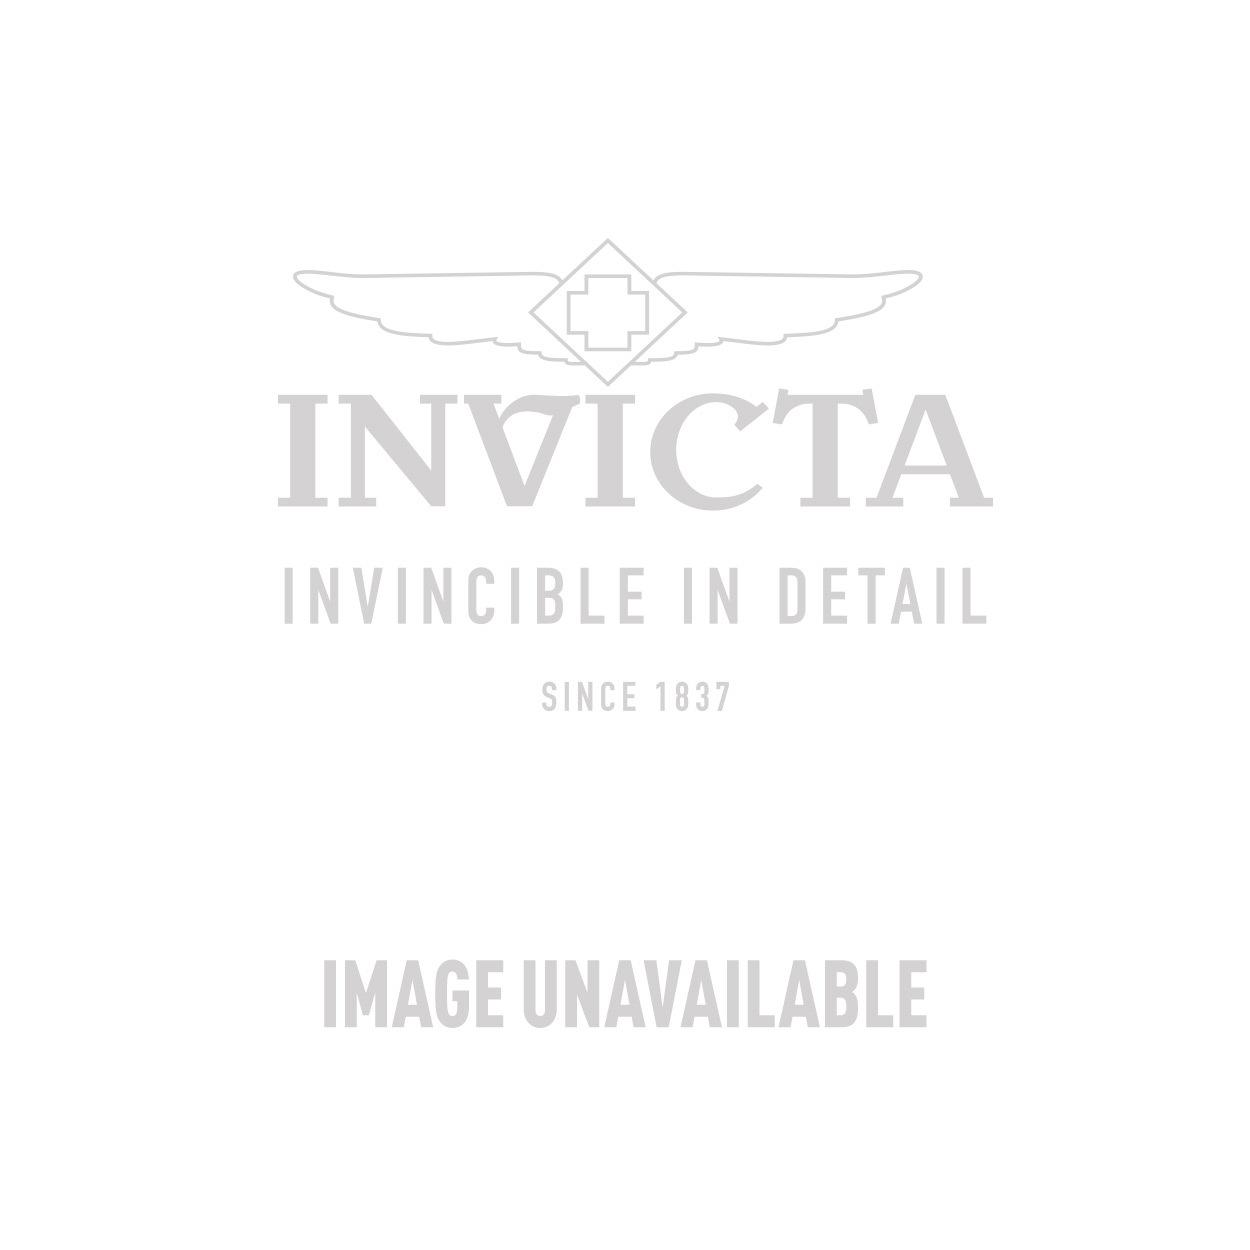 Invicta Model 29163